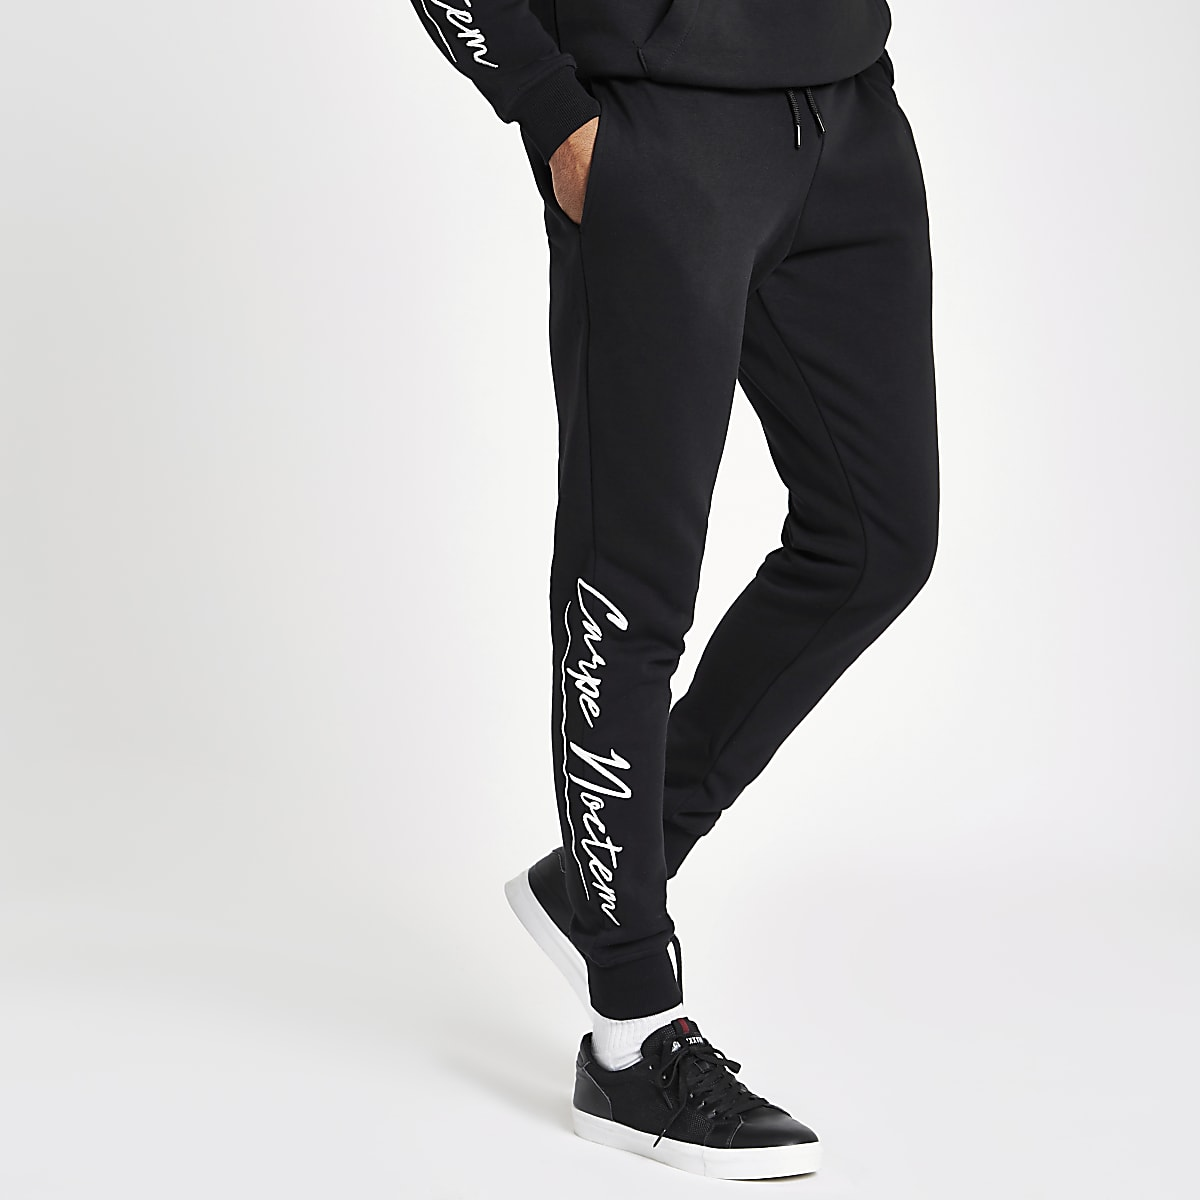 Pantalon de jogging « Carpe noctem » noir